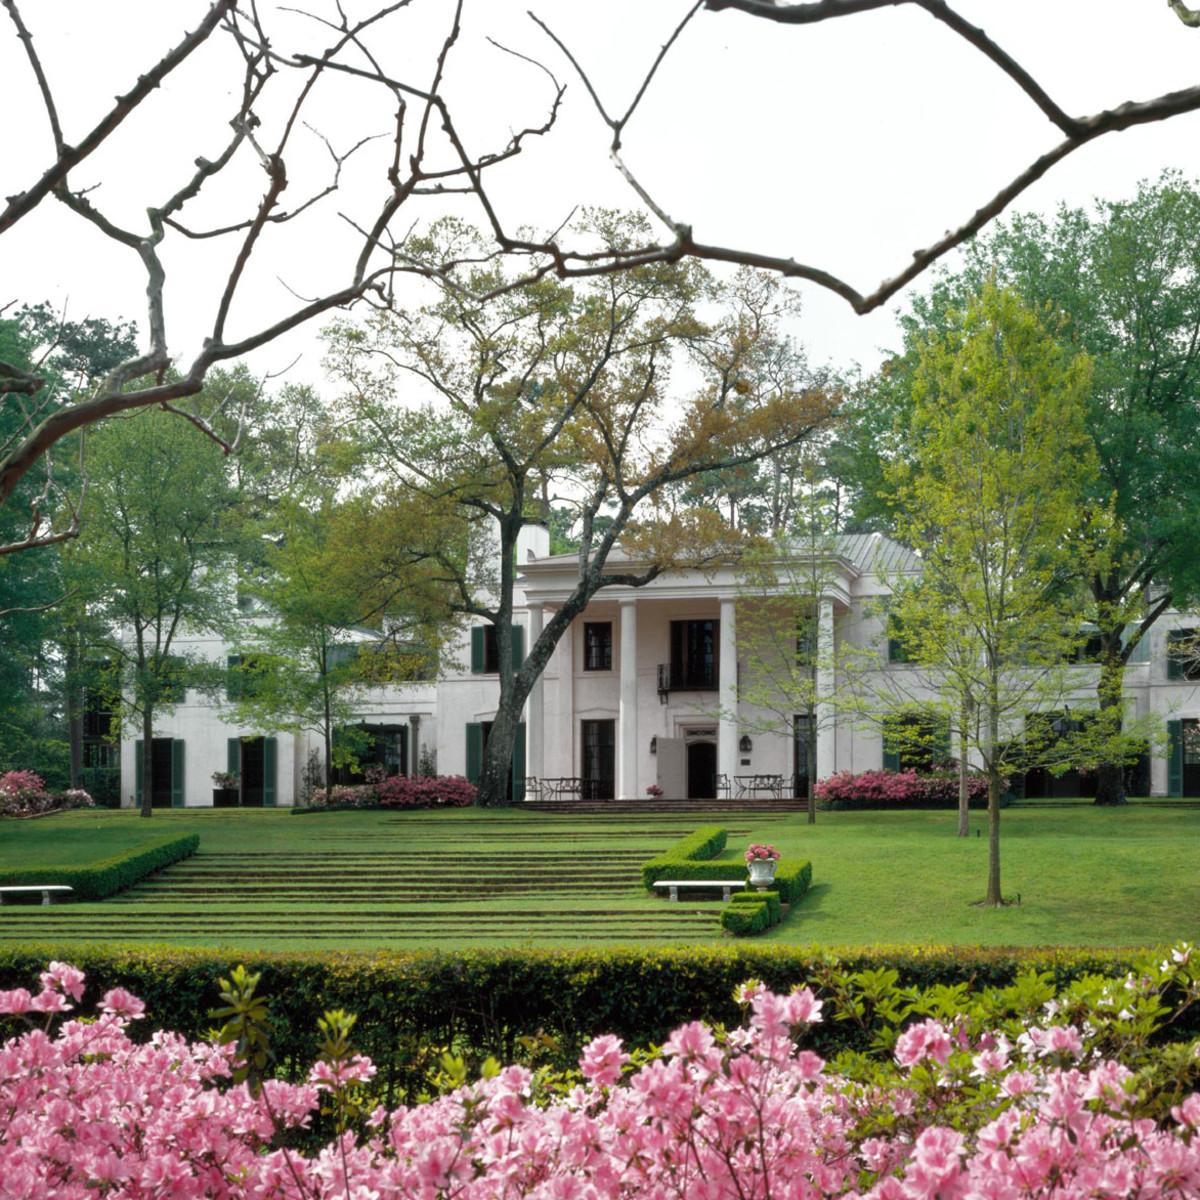 Places-Unique-Bayou Bend mansion-exterior-1